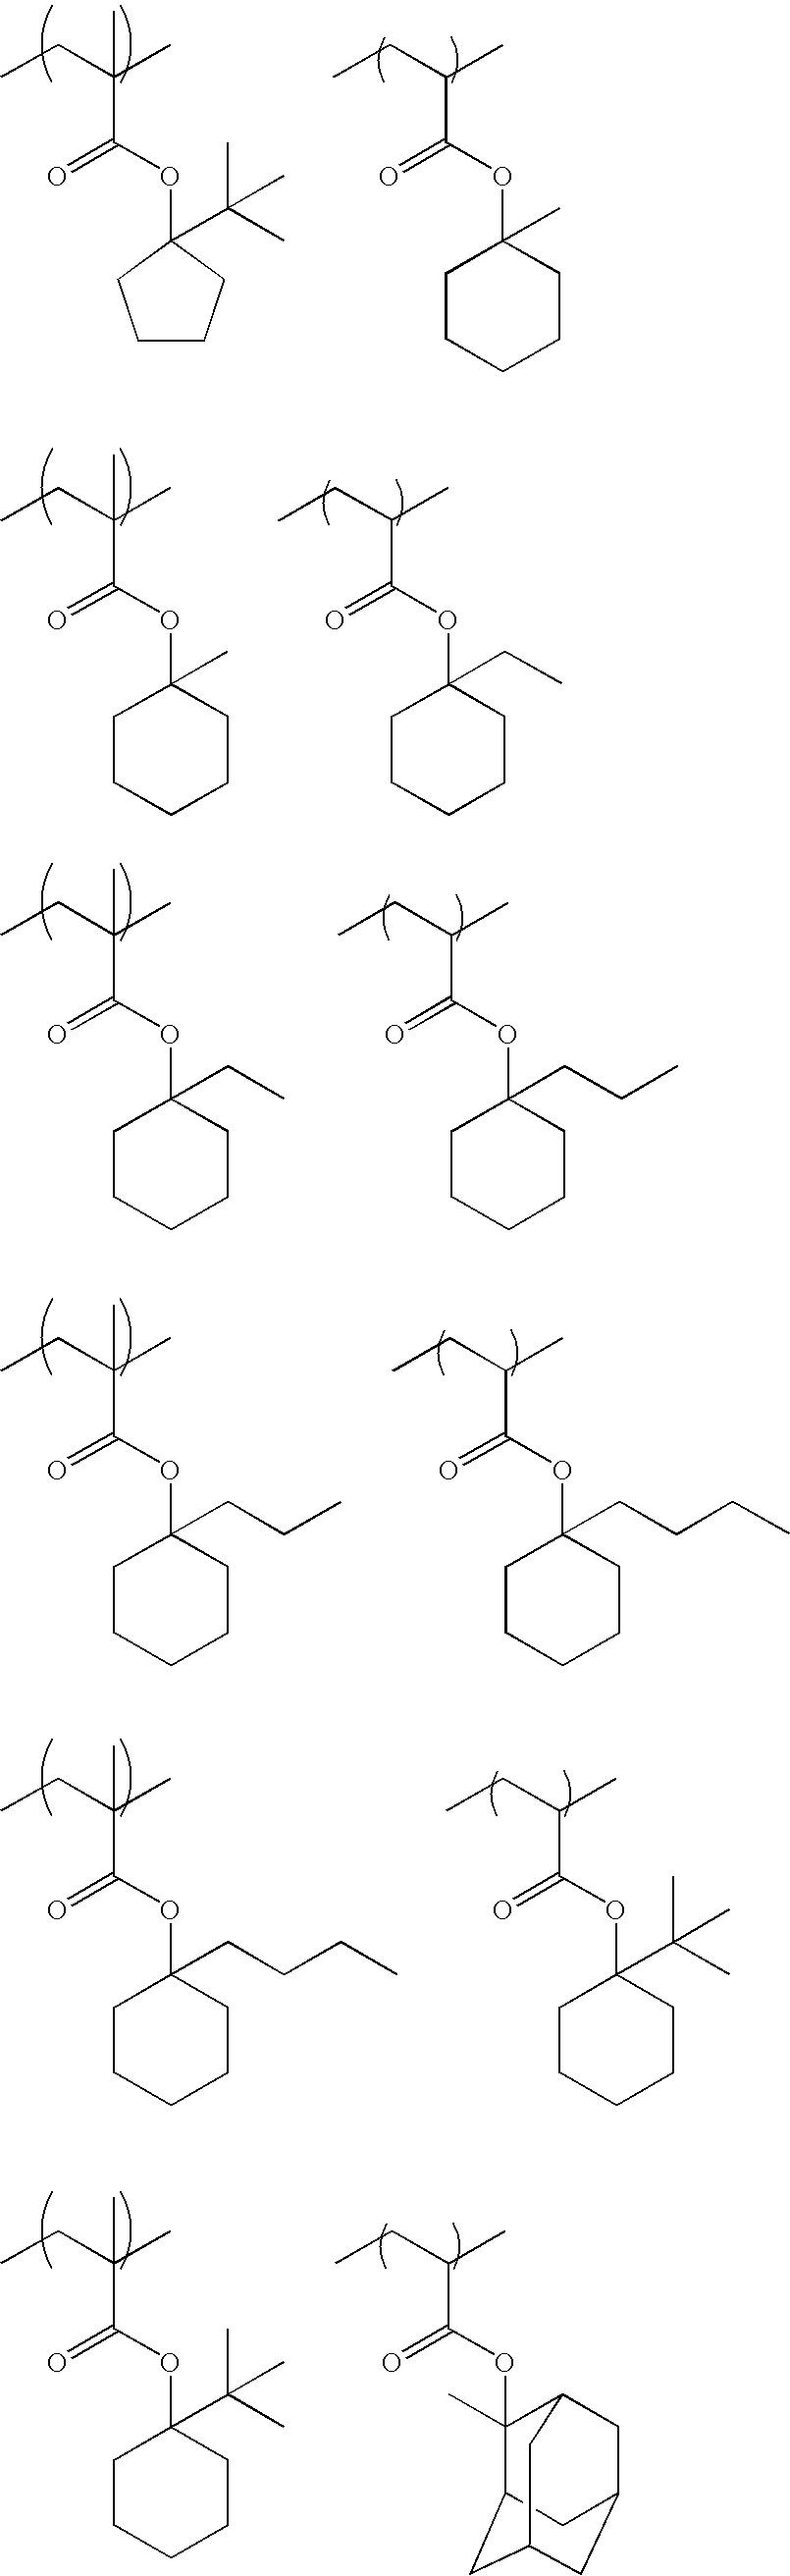 Figure US20090280434A1-20091112-C00044